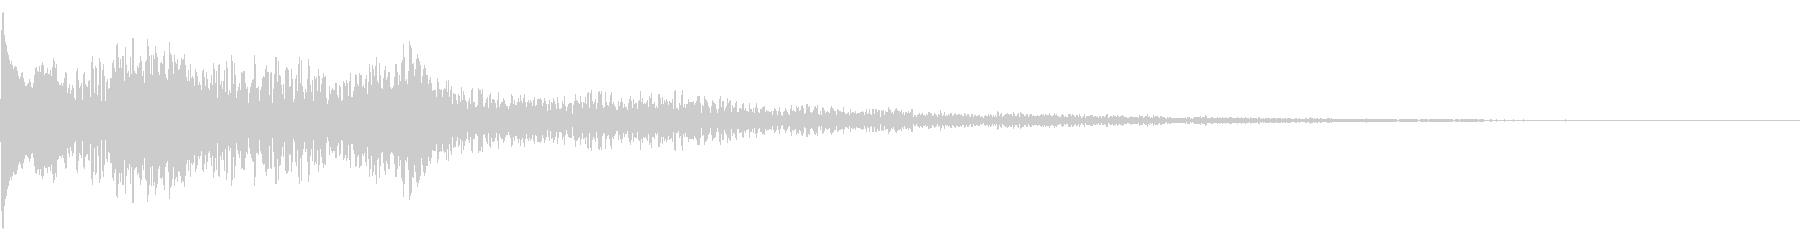 ハンドパン・タップ・お知らせ・通知14の未再生の波形